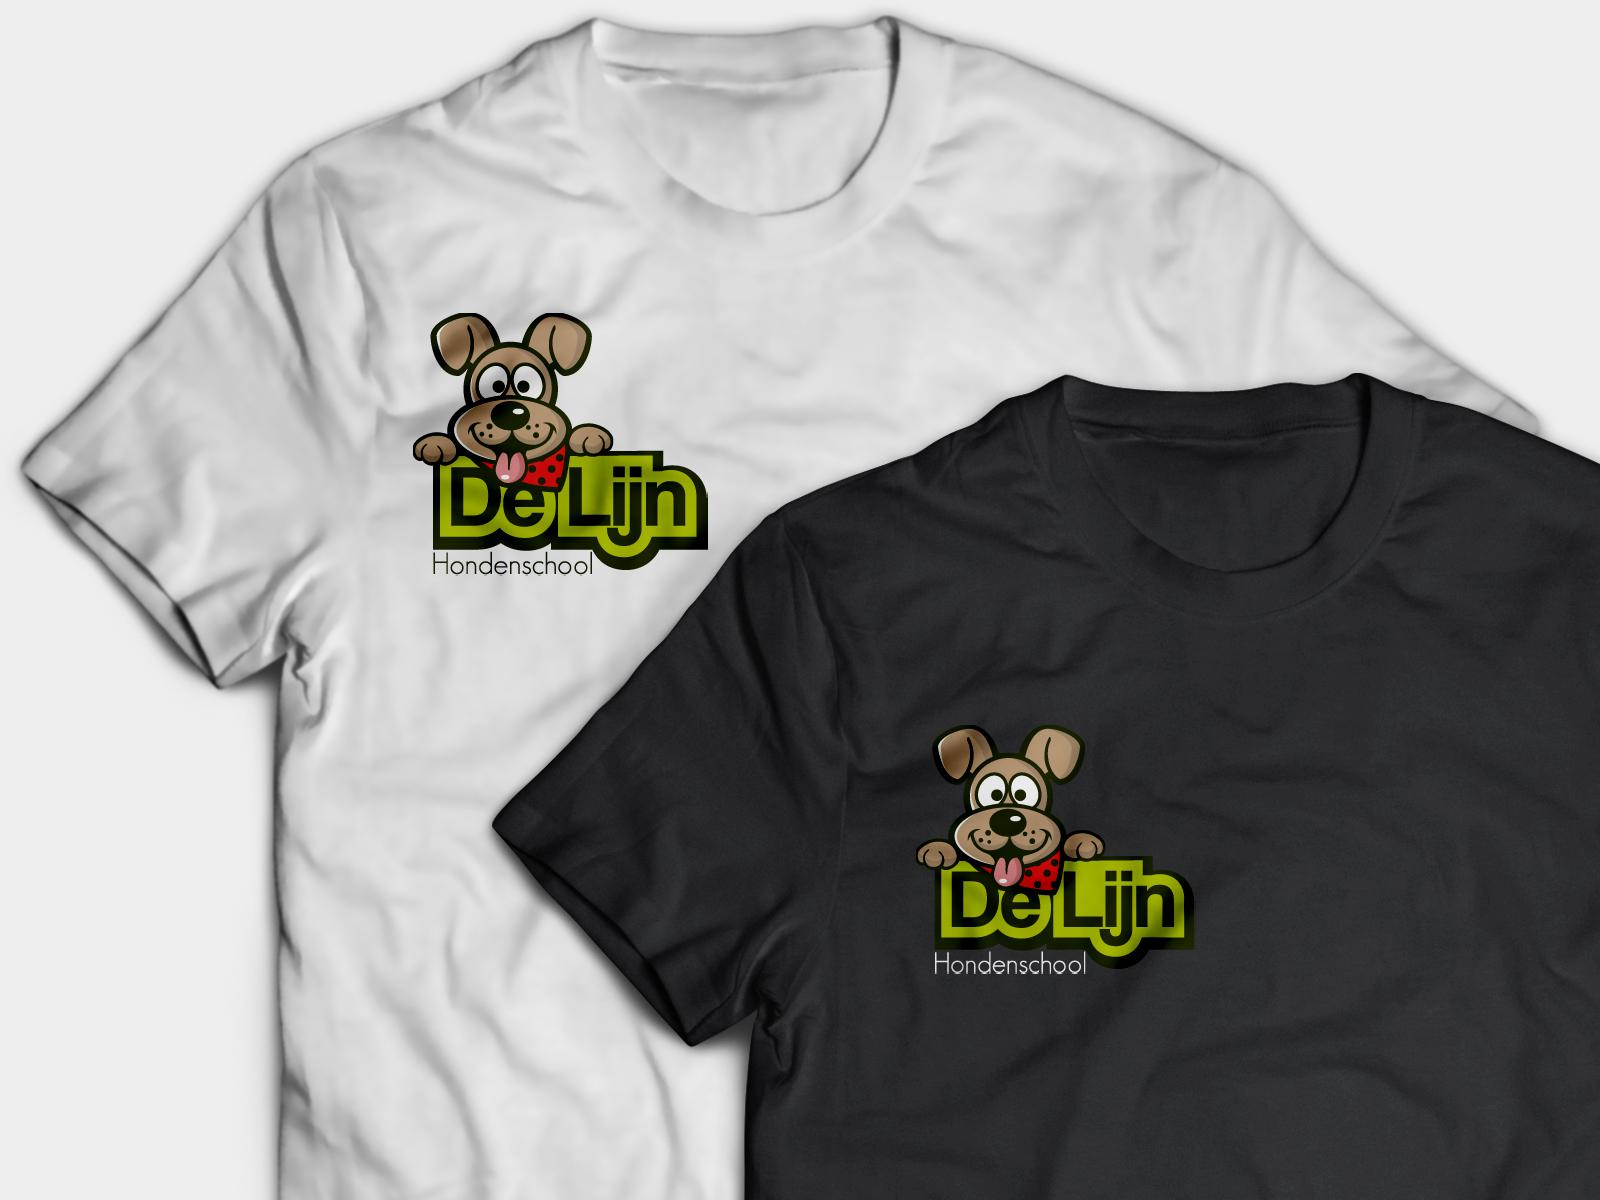 DeLijn Logo Design a